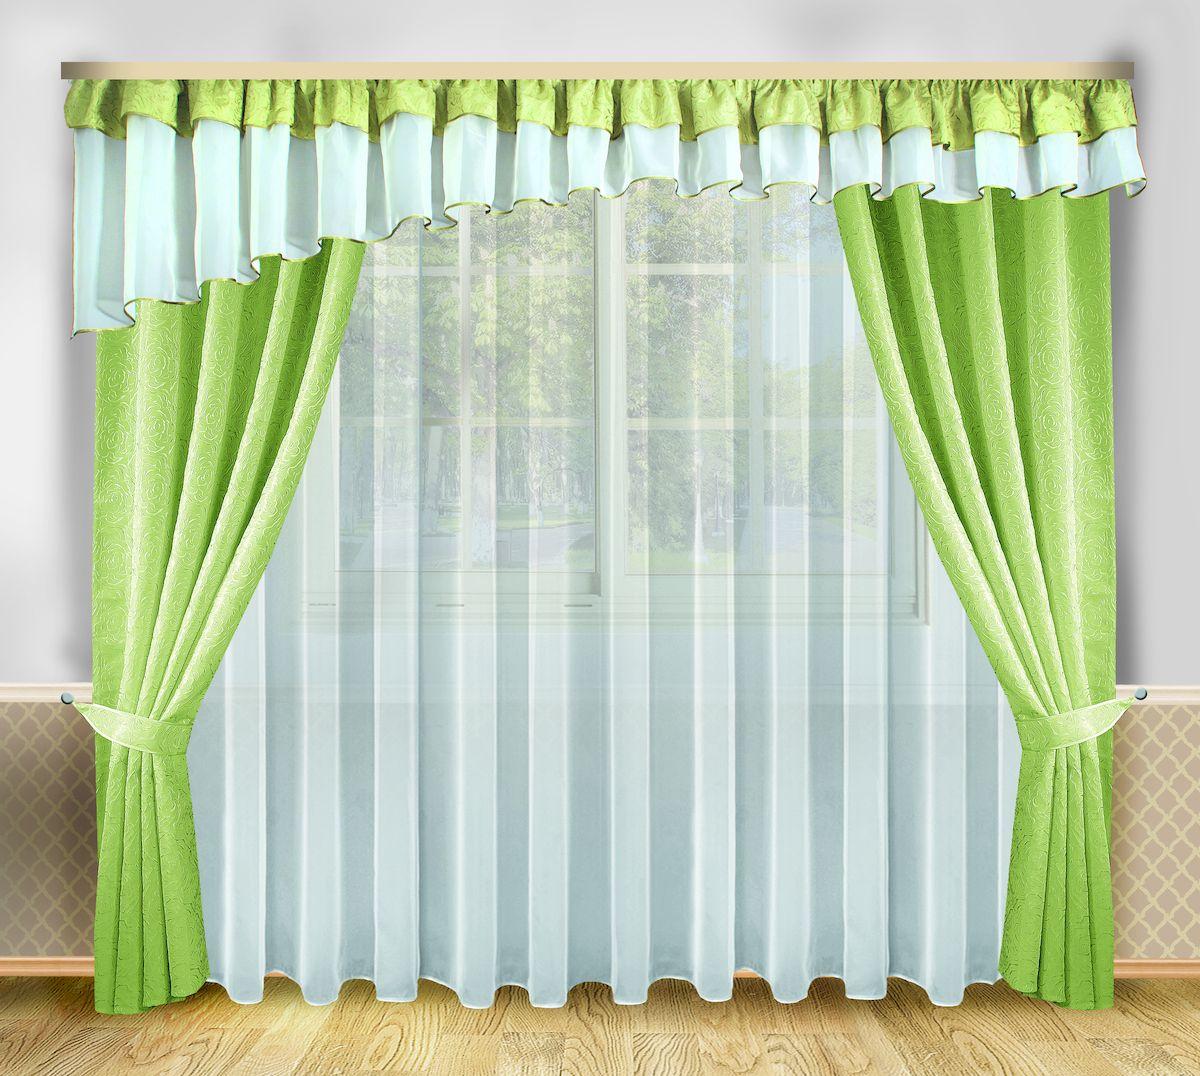 Комплект штор Zlata Korunka, на ленте, цвет: зеленый, белый, высота 250 см. 6665466654Роскошный комплект штор Zlata Korunka, выполненный из полиэстера, великолепно украсит любое окно. Комплект состоит из тюля, ламбрекена, двух штор и двух подхватов. Изящный узор и приятная цветовая гамма привлекут к себе внимание и органично впишутся в интерьер помещения. Этот комплект будет долгое время радовать вас и вашу семью!Комплект крепится на карниз при помощи ленты, которая поможет красиво и равномерно задрапировать верх.В комплект входит: Тюль: 1 шт. Размер (Ш х В): 400 см х 250 см. Ламбрекен: 1 шт. Размер (Ш х В): 560 см х 70 см. Штора: 2 шт. Размер (Ш х В): 138 см х 250 см.Подхват: 2 шт.